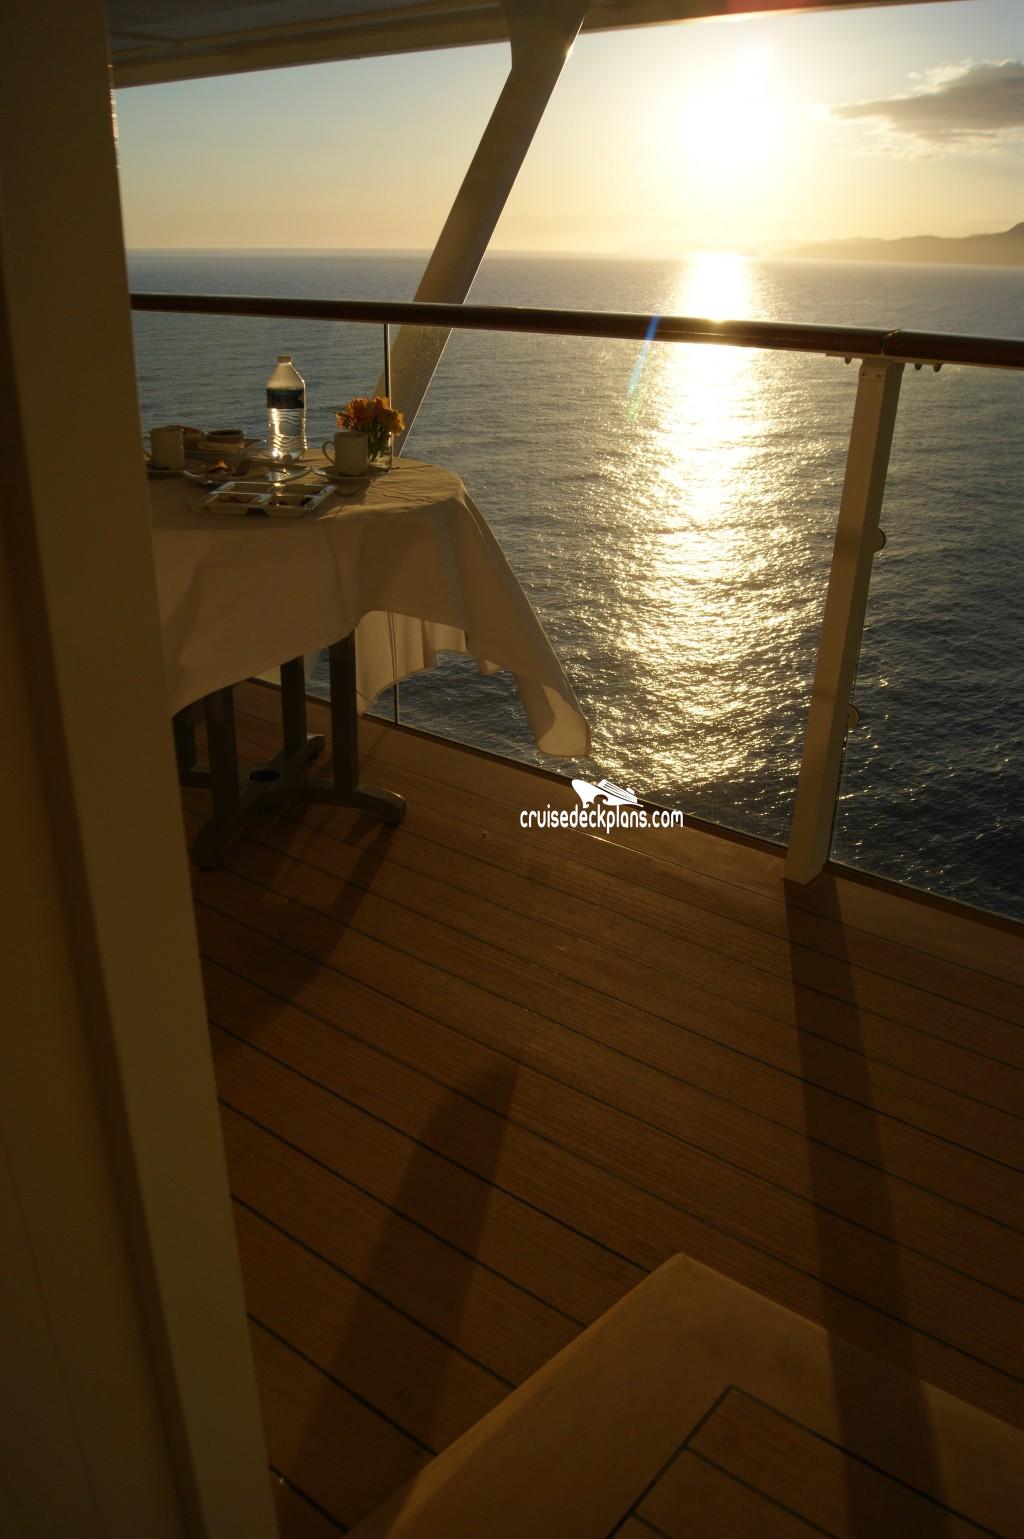 Celebrity Millennium Cruise Review for Cabin 2196 - cruizr.com